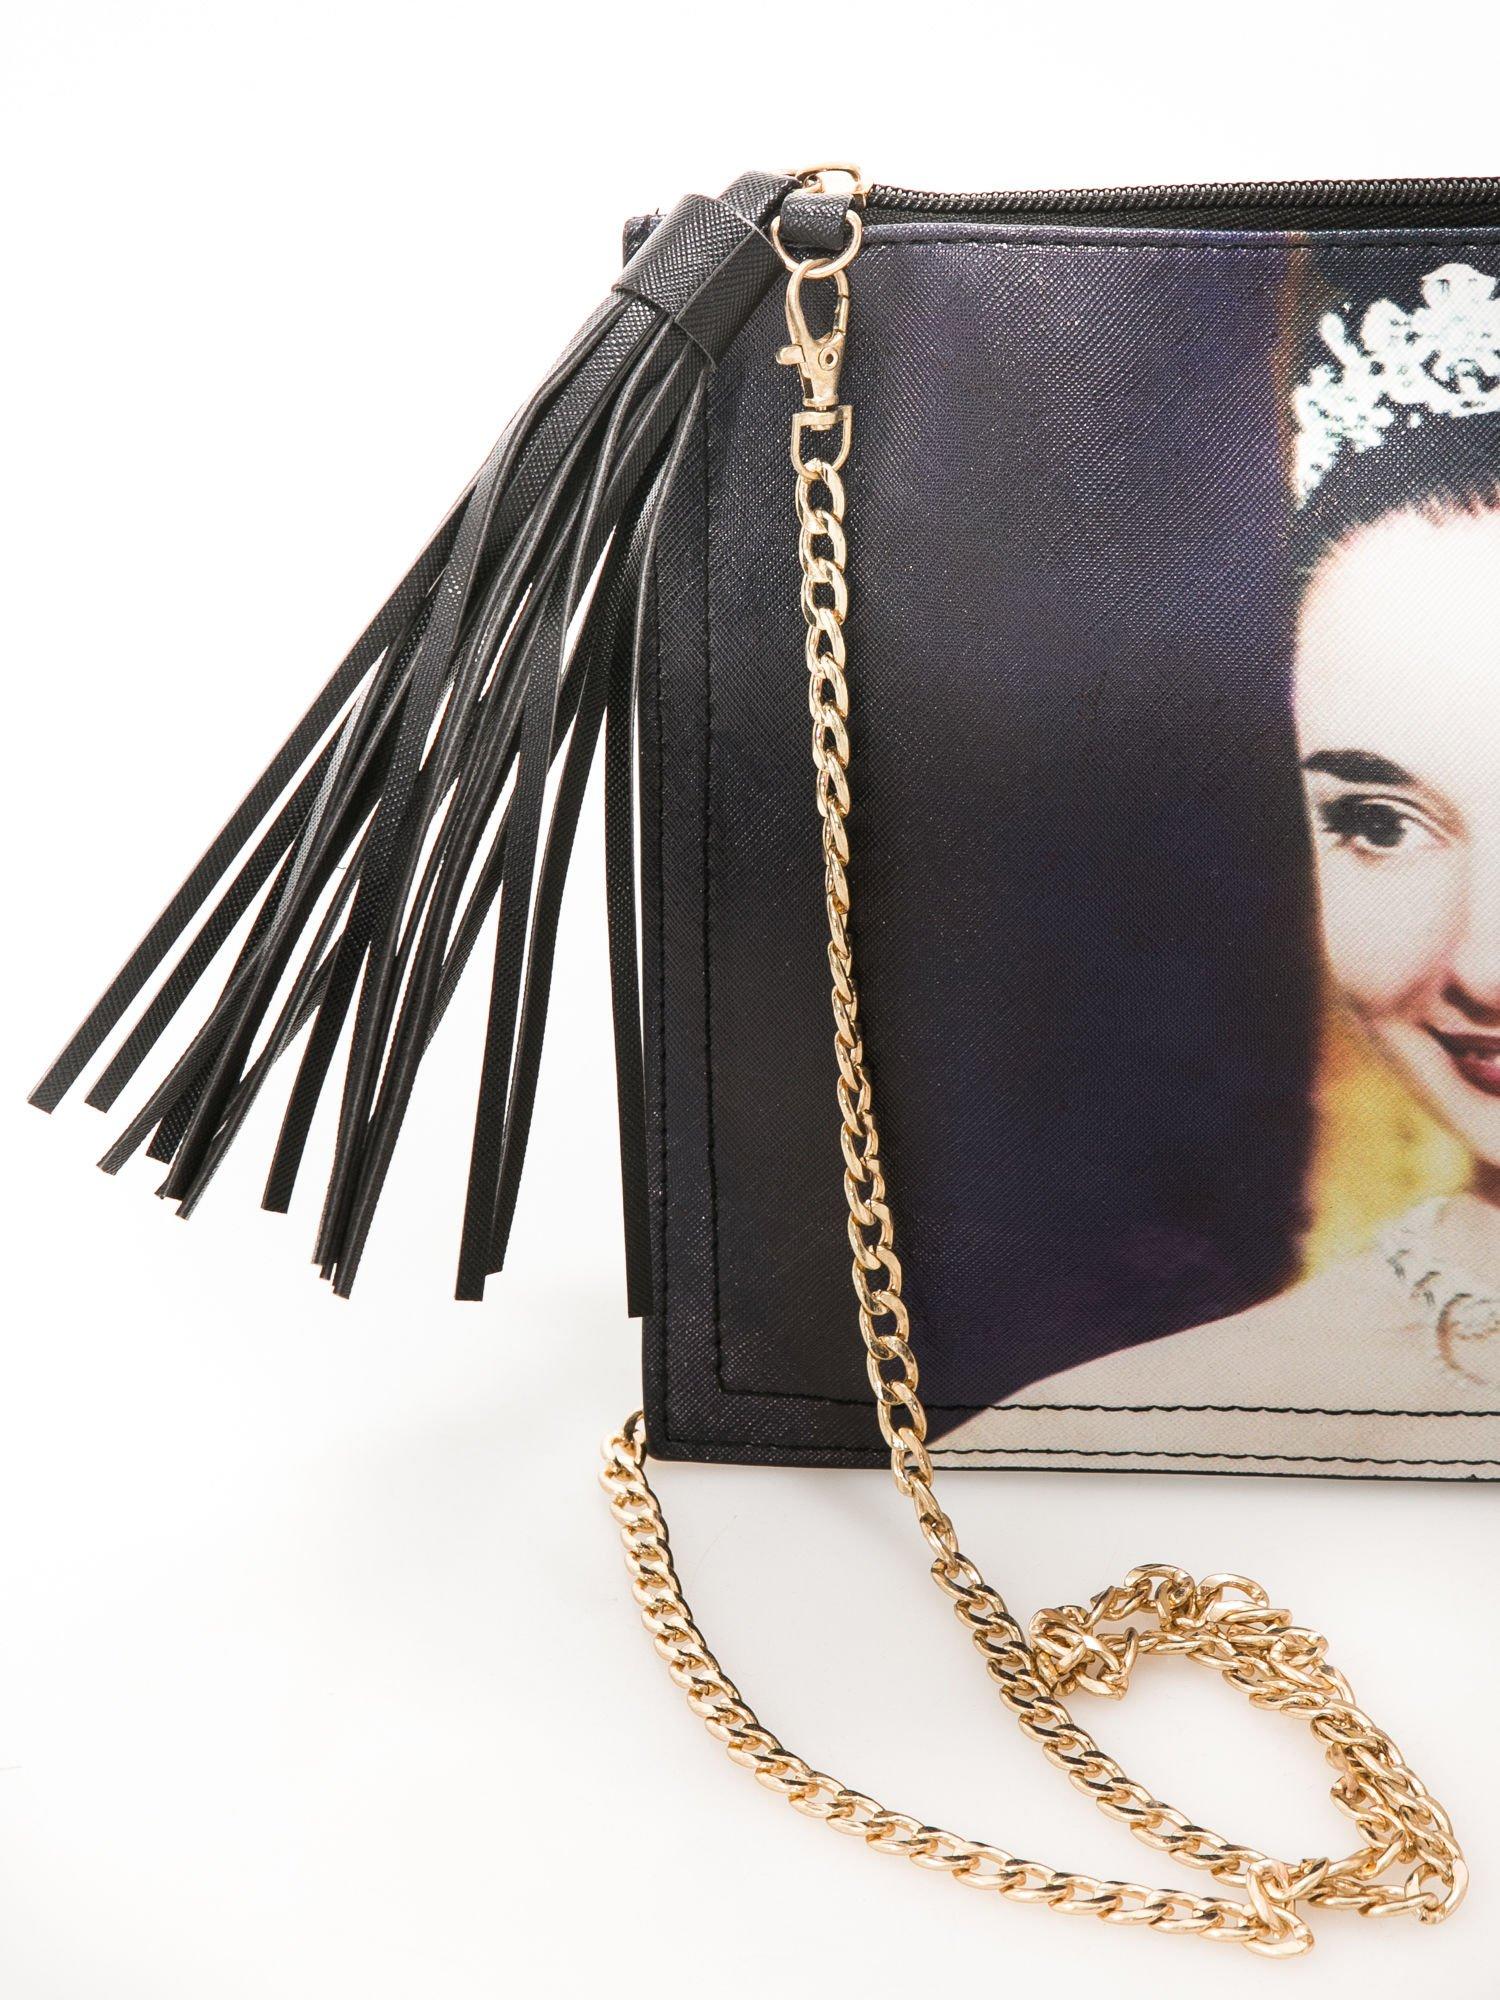 Czarna kopertówka z nadrukiem Audrey Hepburn, frędzlami i złotym łańcuszkiem                                  zdj.                                  4